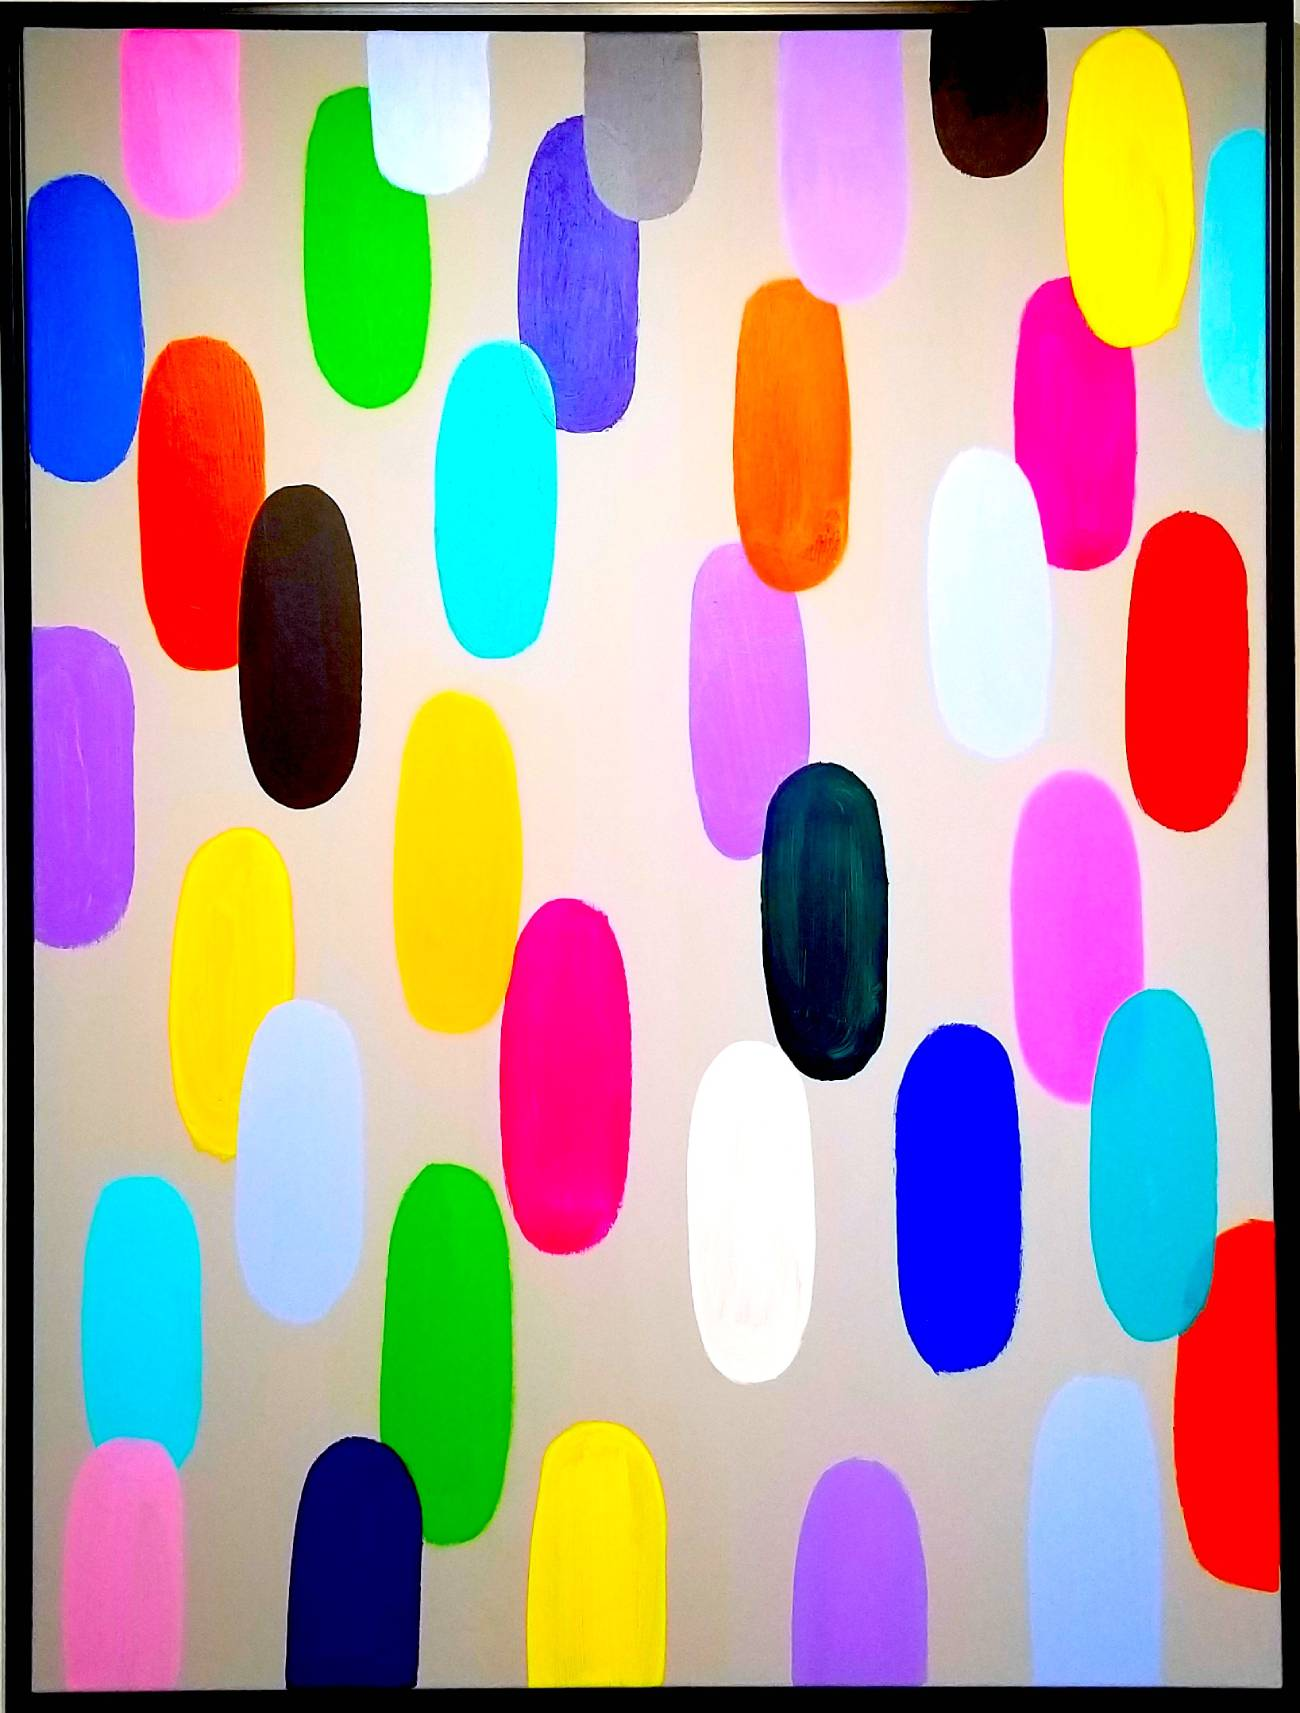 """Jelly Bean #59, 2019, 48"""" x 36"""", acrylic on canvas (122 x 91.4 cm)"""